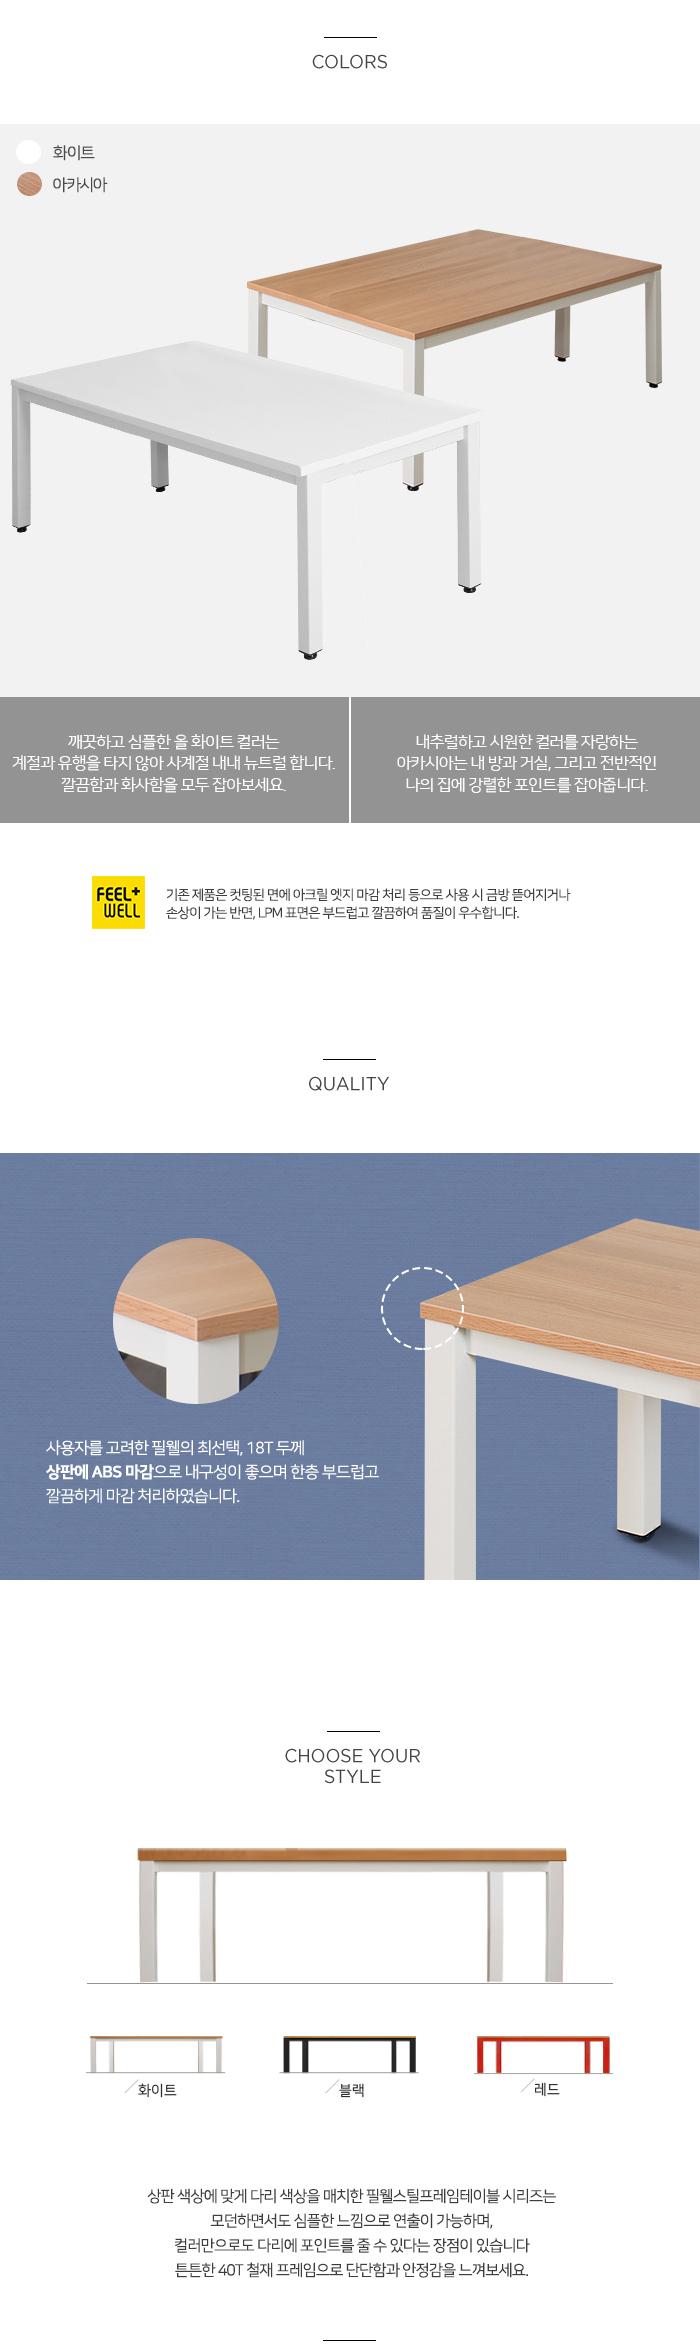 필웰스틸프레임낮은좌식책상겸테이블1000x800 - 필웰, 135,000원, 책상/의자, 좌식 책상